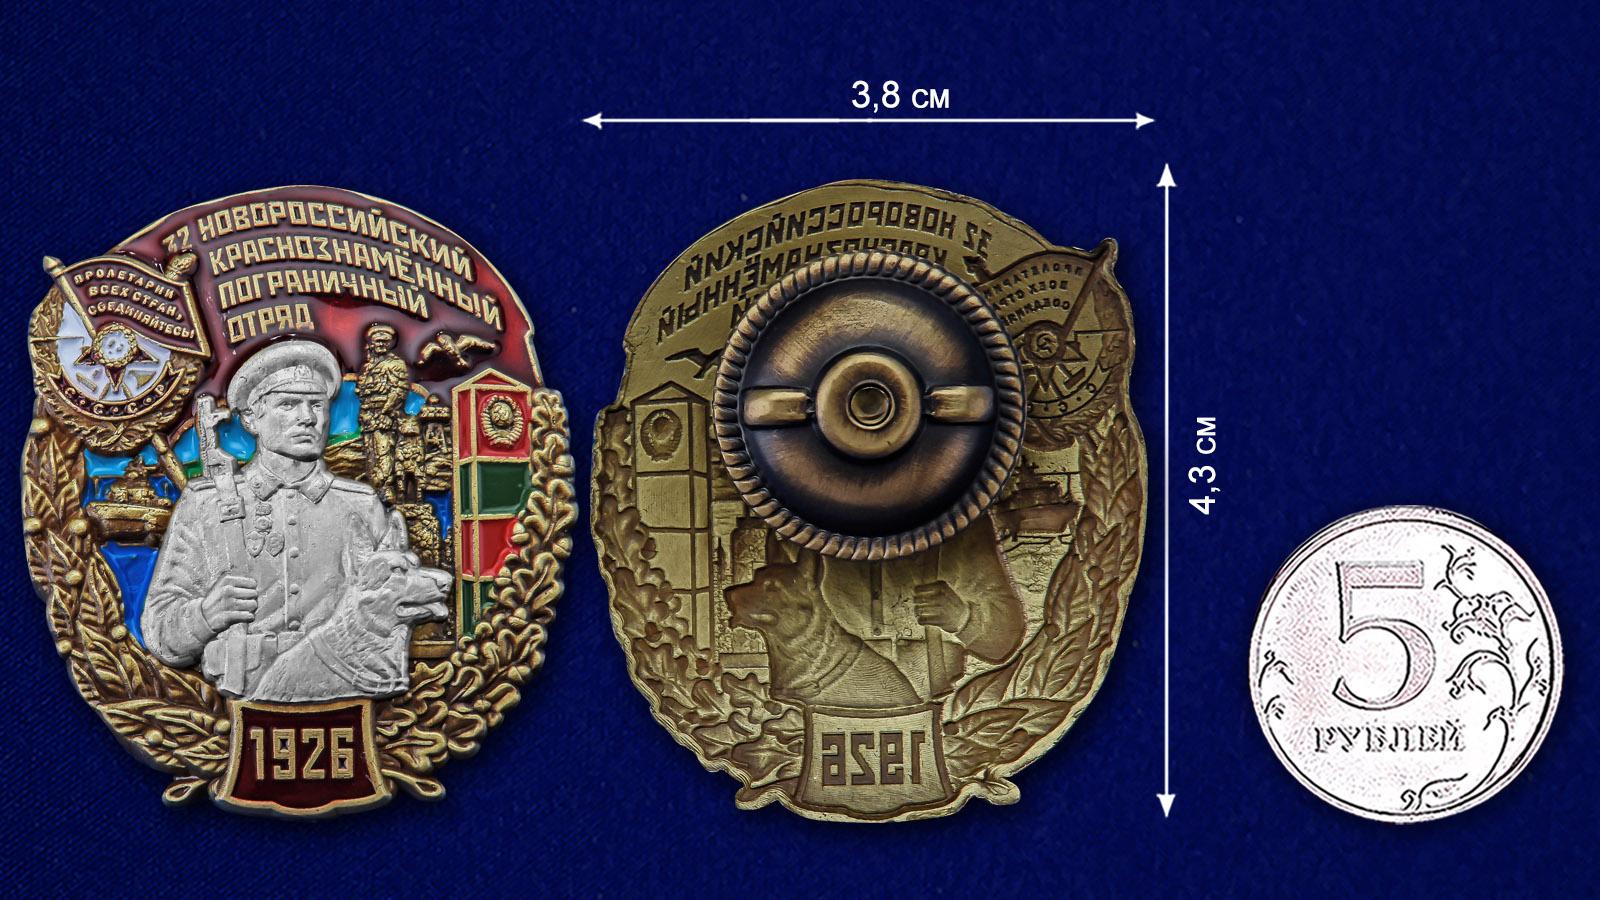 Латунный знак 32 Новороссийский пограничный отряд - сравнительный вид